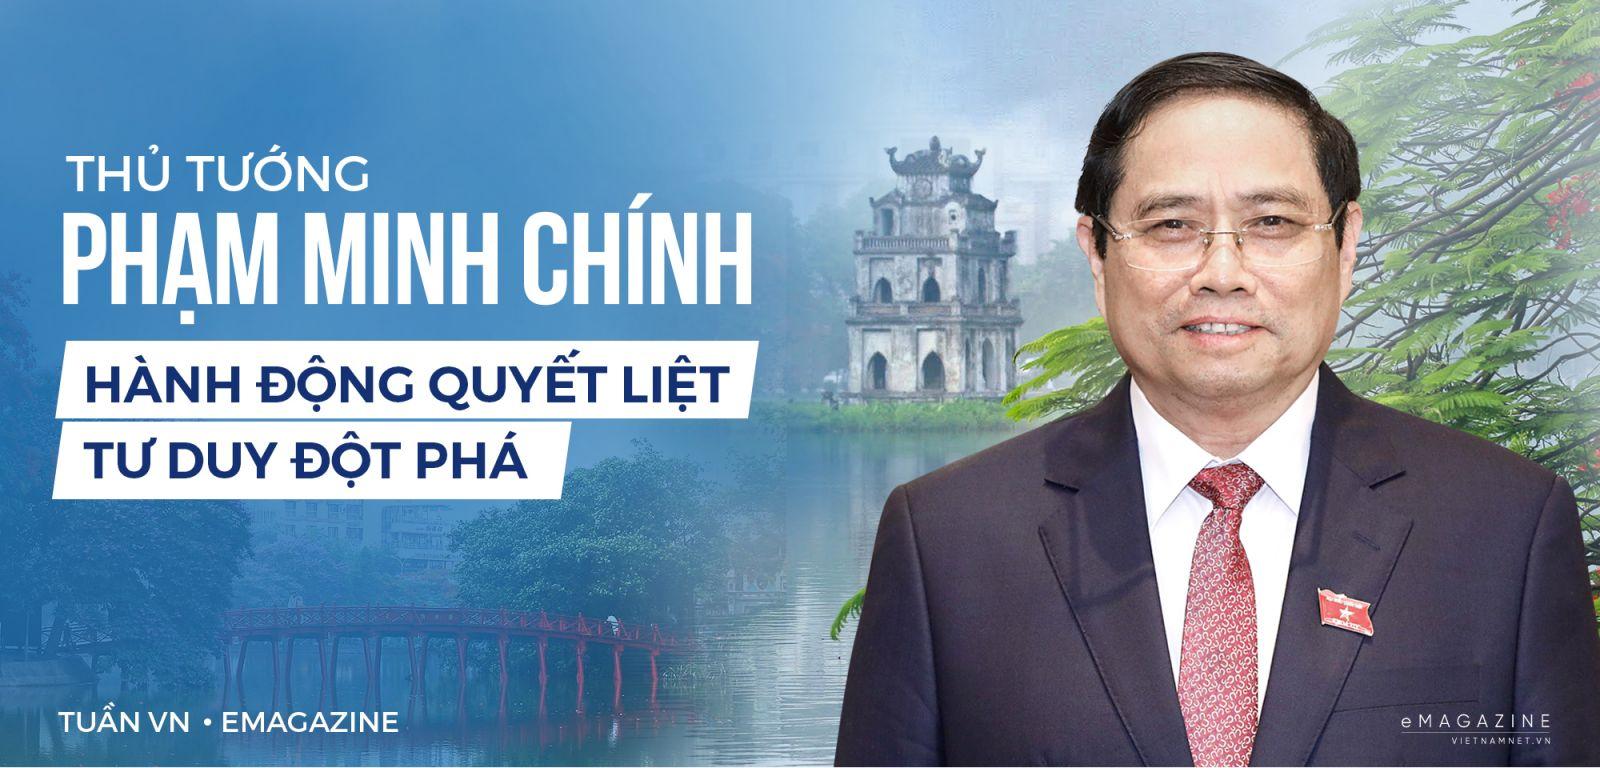 Thủ tướng Phạm Minh Chính - hành động quyết liệt, tư duy đột phá